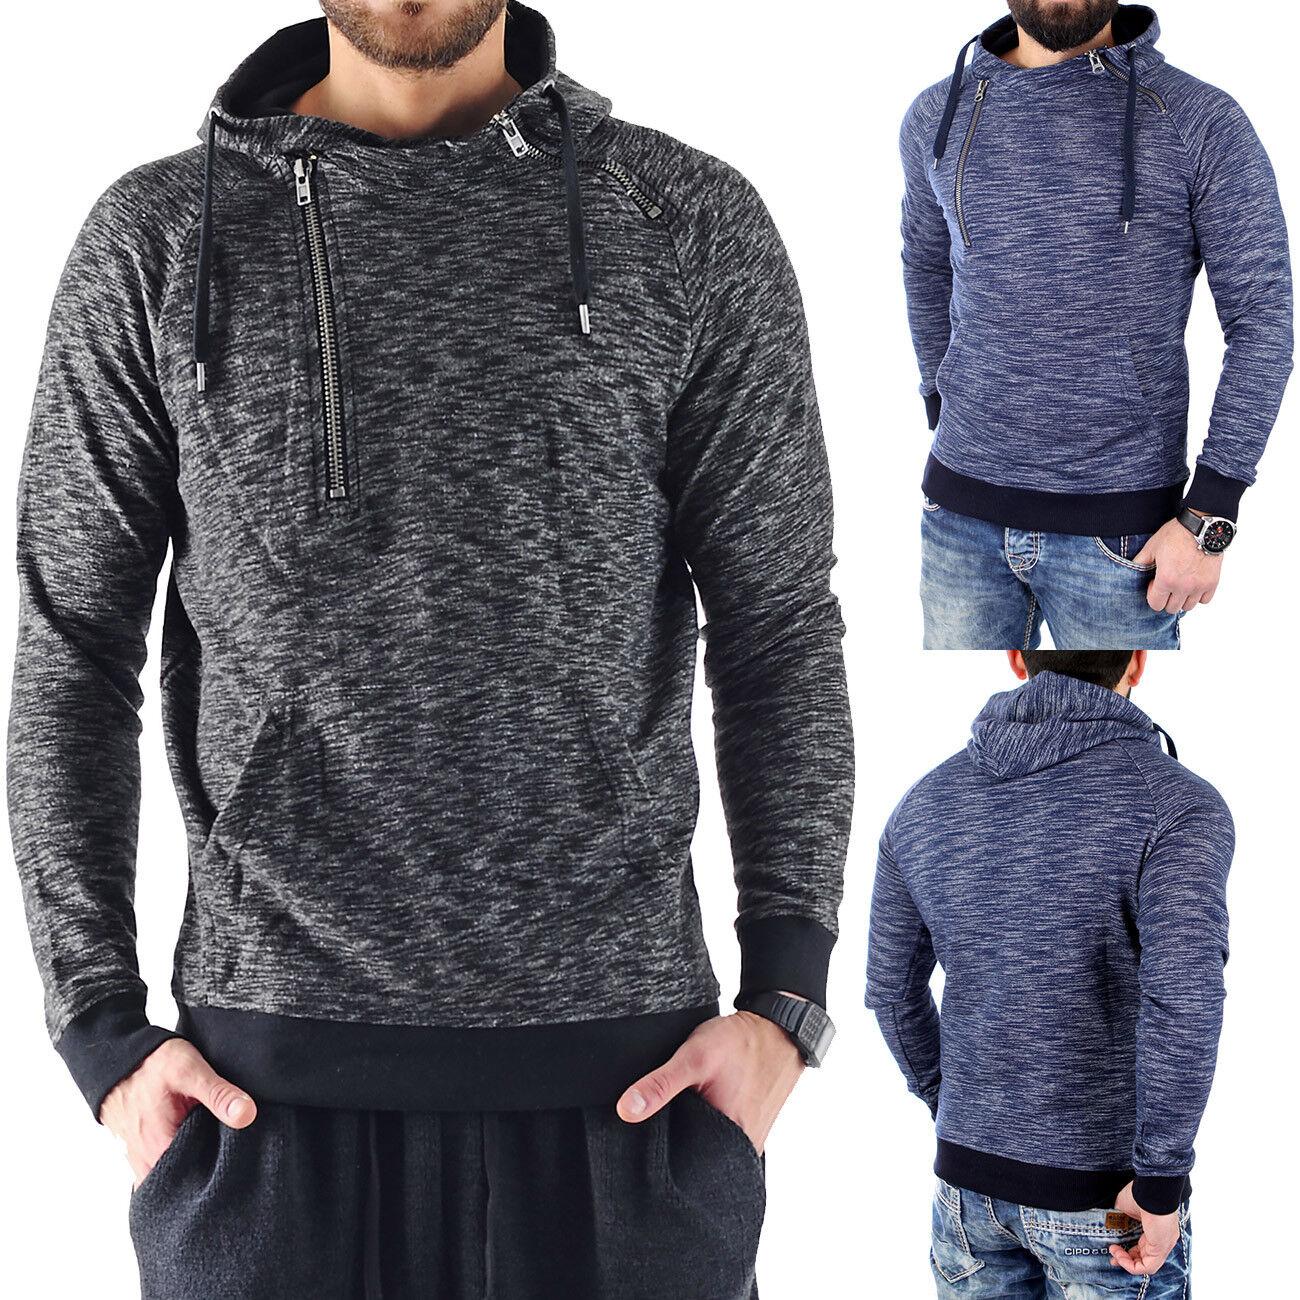 VSCT Sweatshirt Herren Shiro 2 Zip Moulinee Kapuzen Pullover V-5641785 Neu